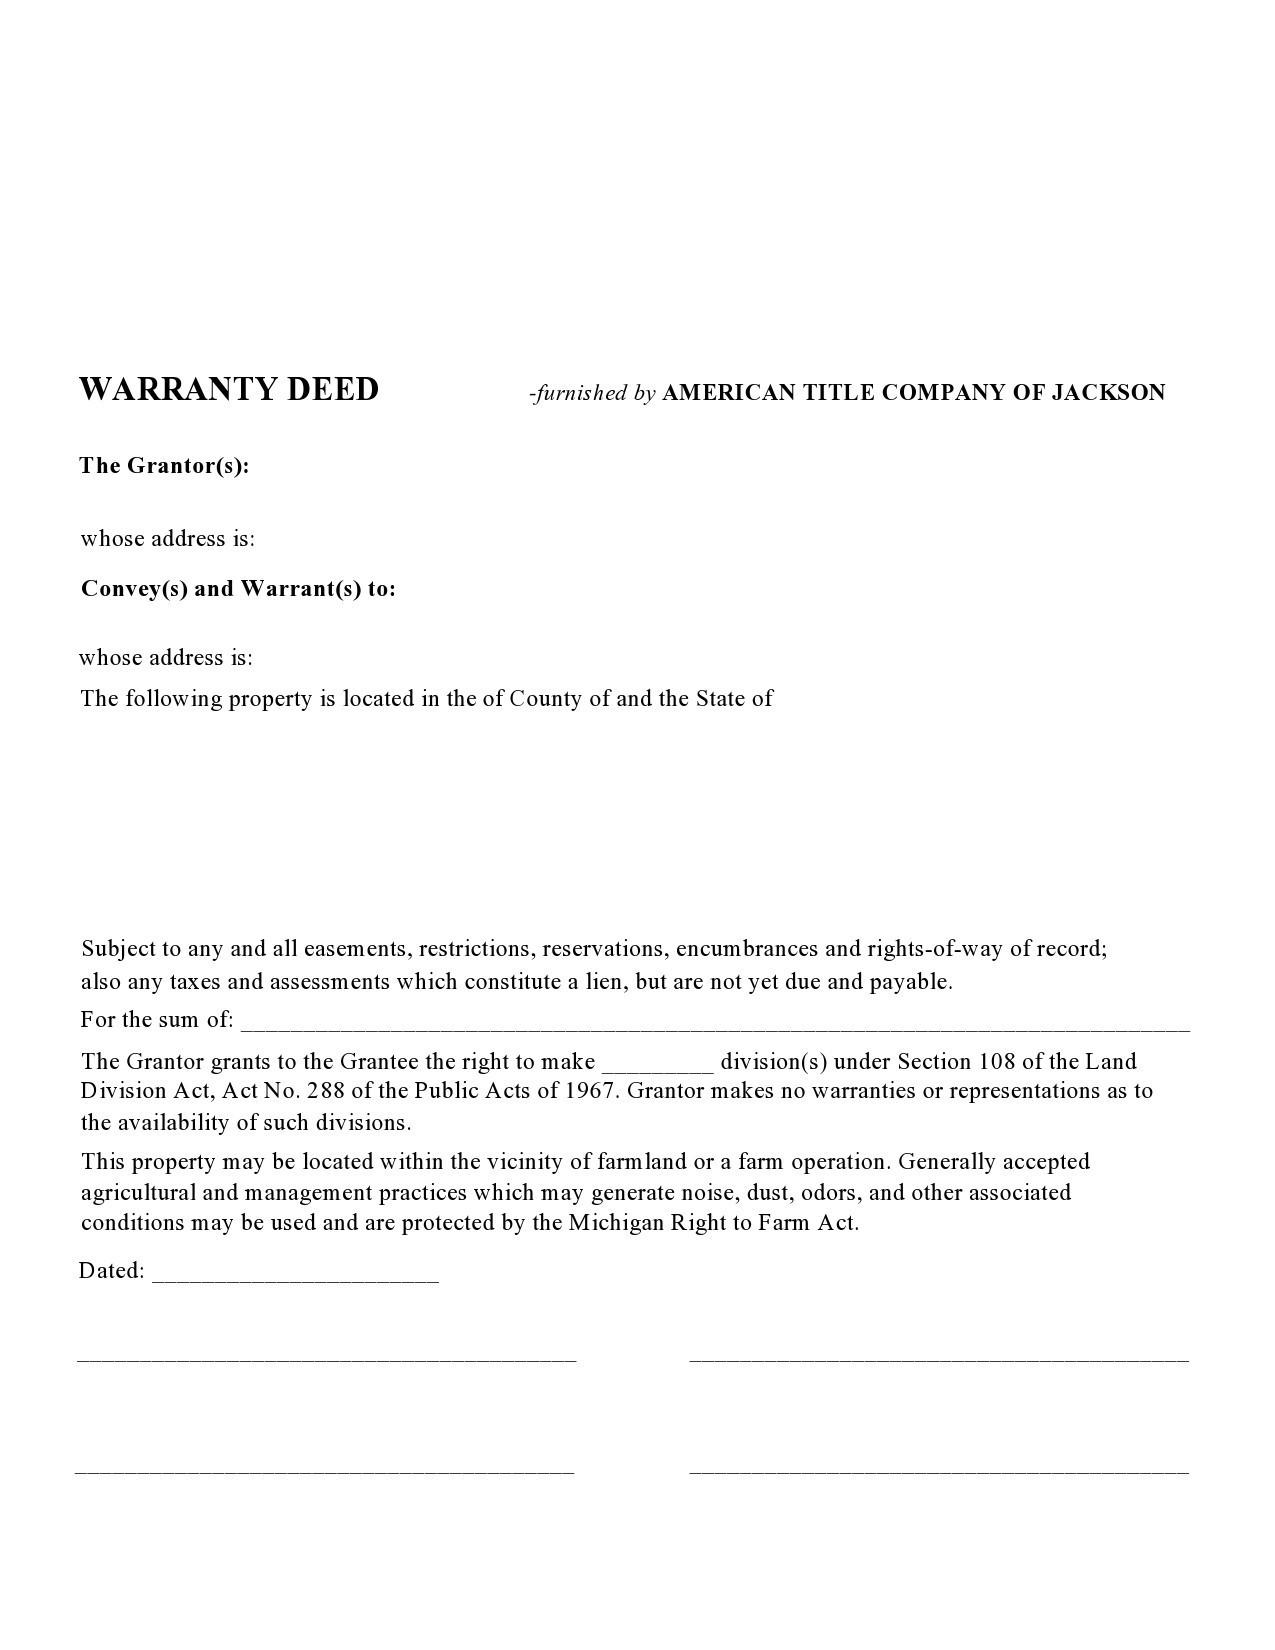 Free warranty deed form 36